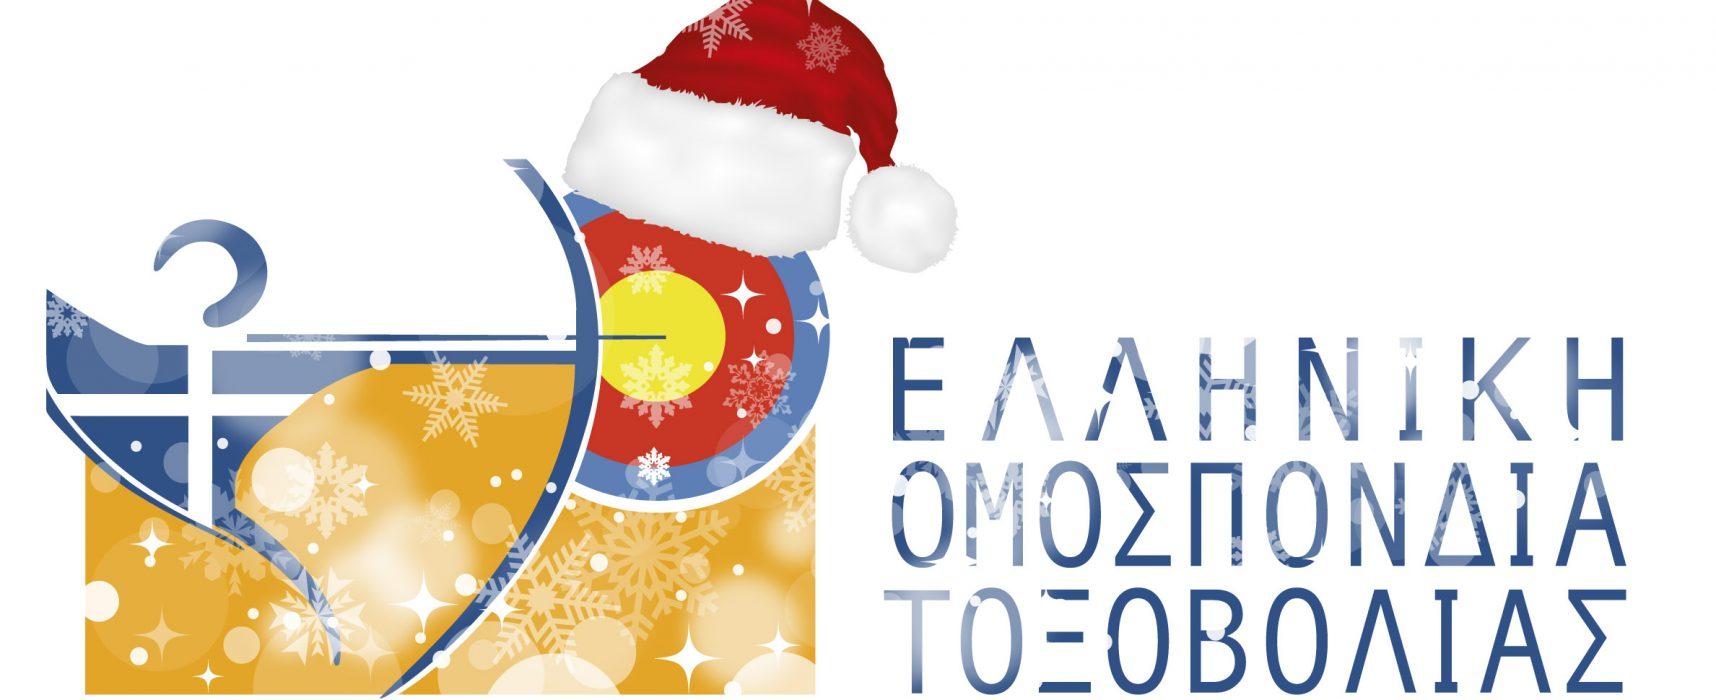 Λειτουργία των γραφείων της Ε.Ο.Τ. κατά τις γιορτές (Χριστούγεννα, Πρωτοχρονιά)